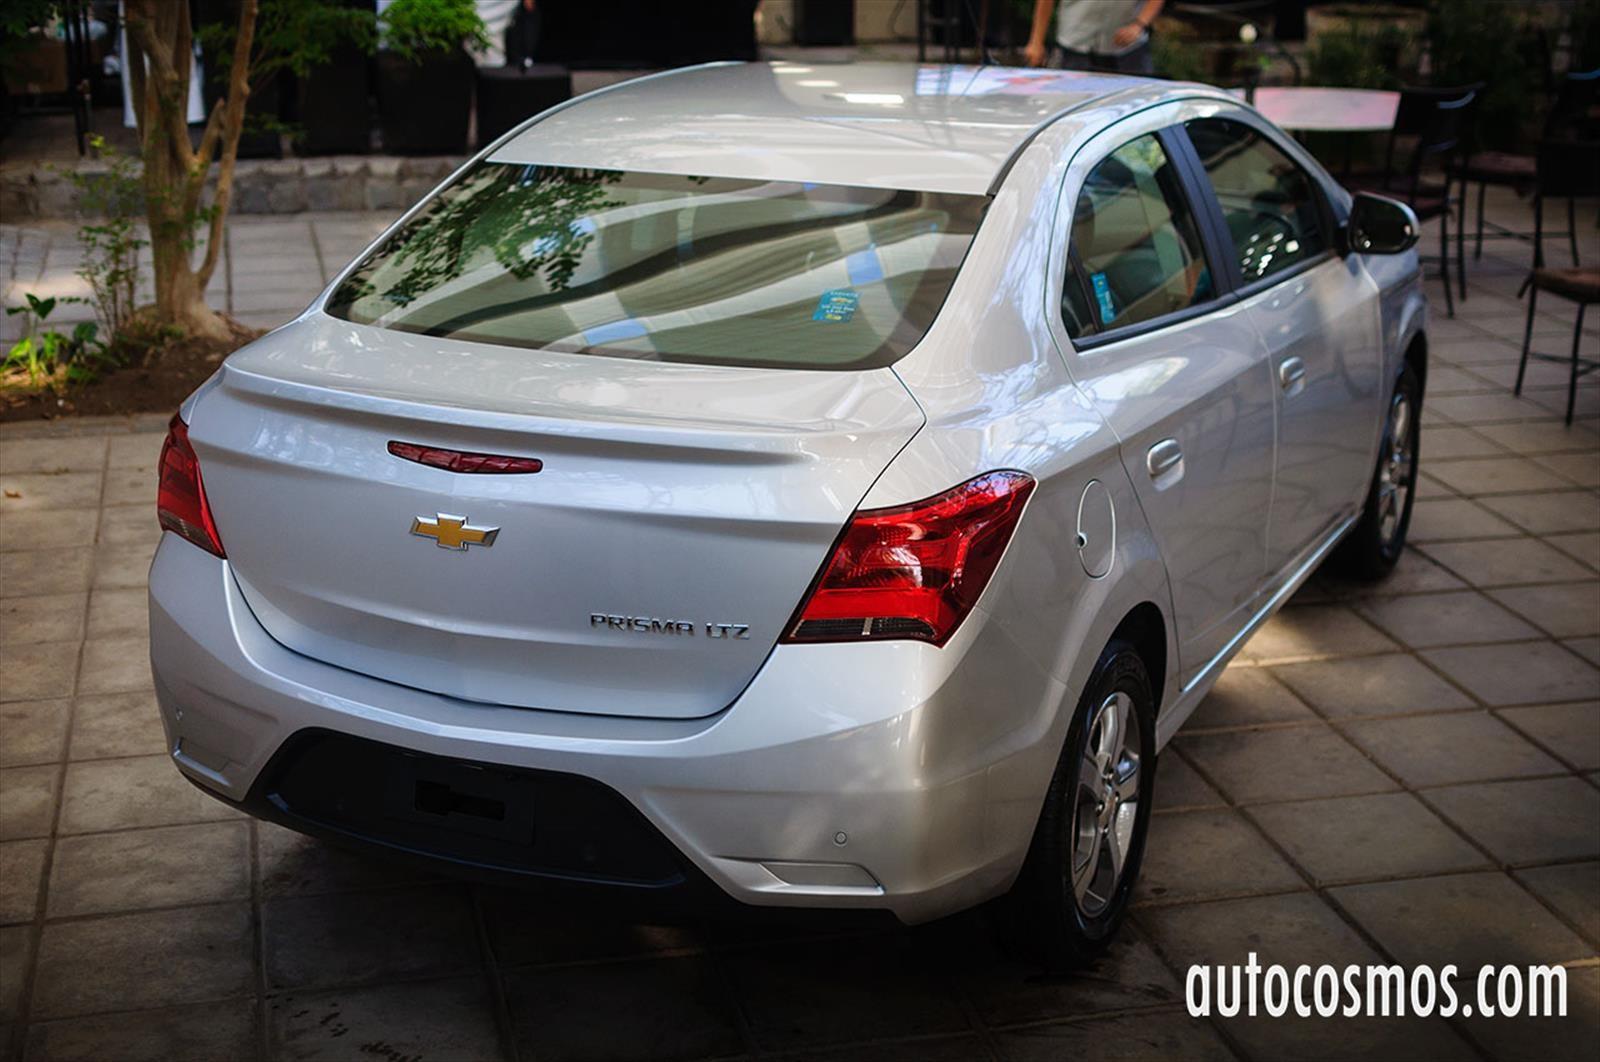 Chevrolet prisma 2017 lanzamiento en chile